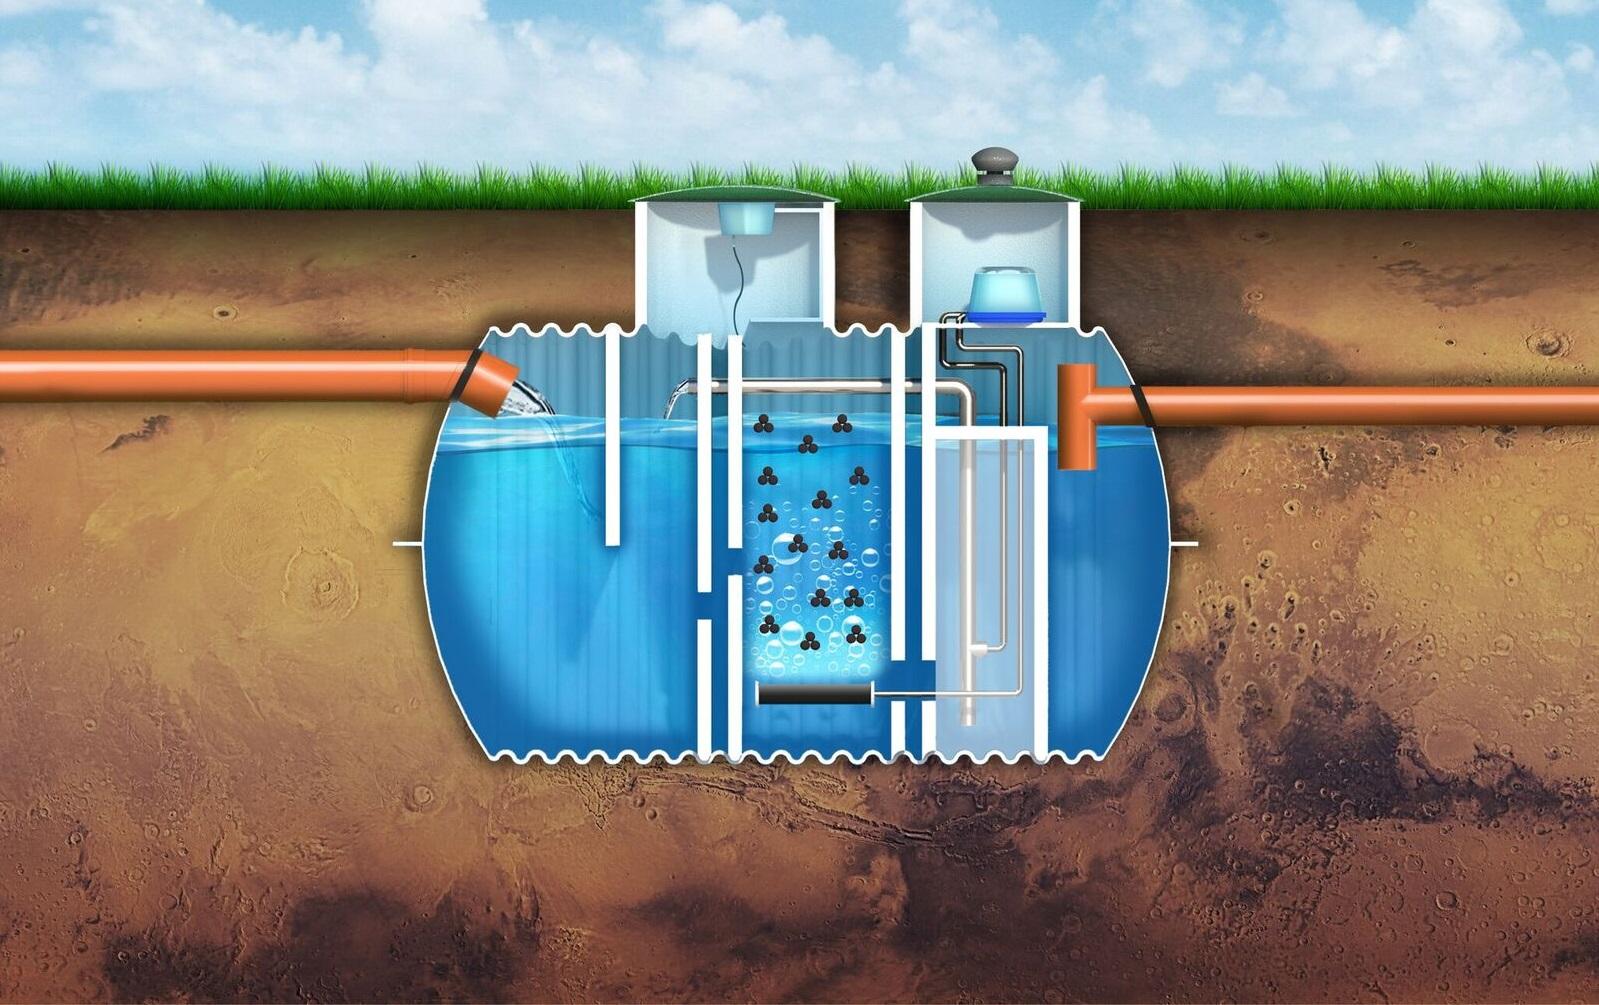 Как слить воду из бассейна? куда на даче слить воду? можно ли спустить ее в огород или в канализацию? как правильно сделать слив?